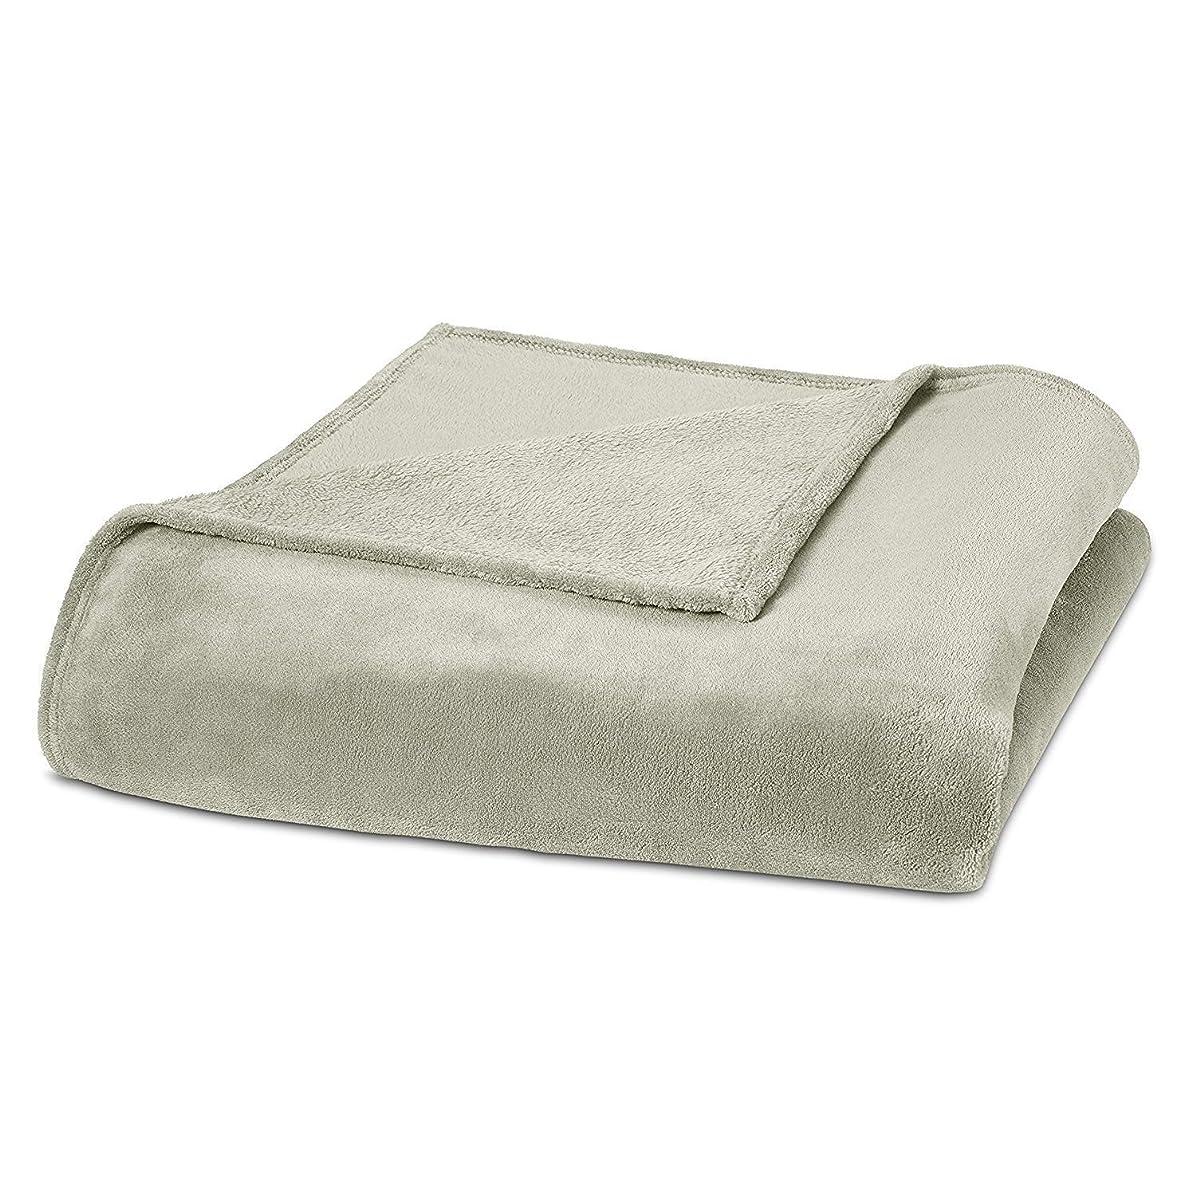 口述獲物連合SuperソフトコーラルフリースBlanketファジーWarm and快適なすべての年ベッド毛布ツインサイズ/クリーム